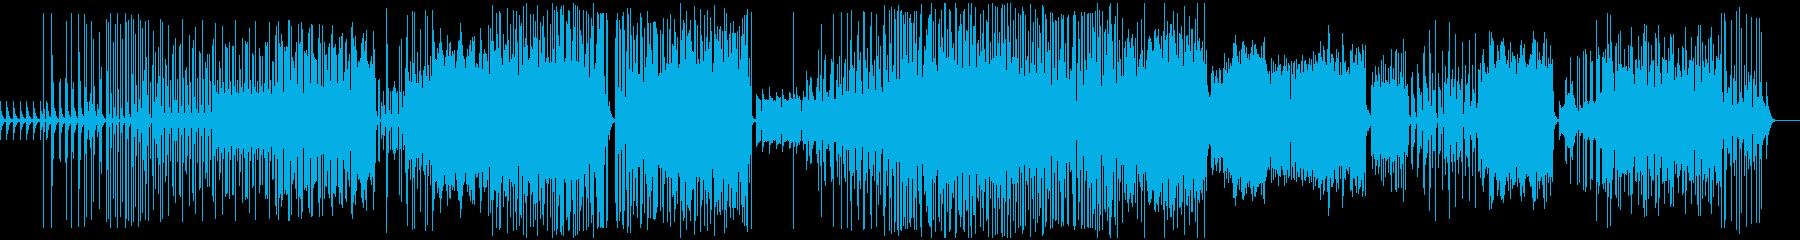 斬新な映像やビデオに最適グリッジ音楽の再生済みの波形